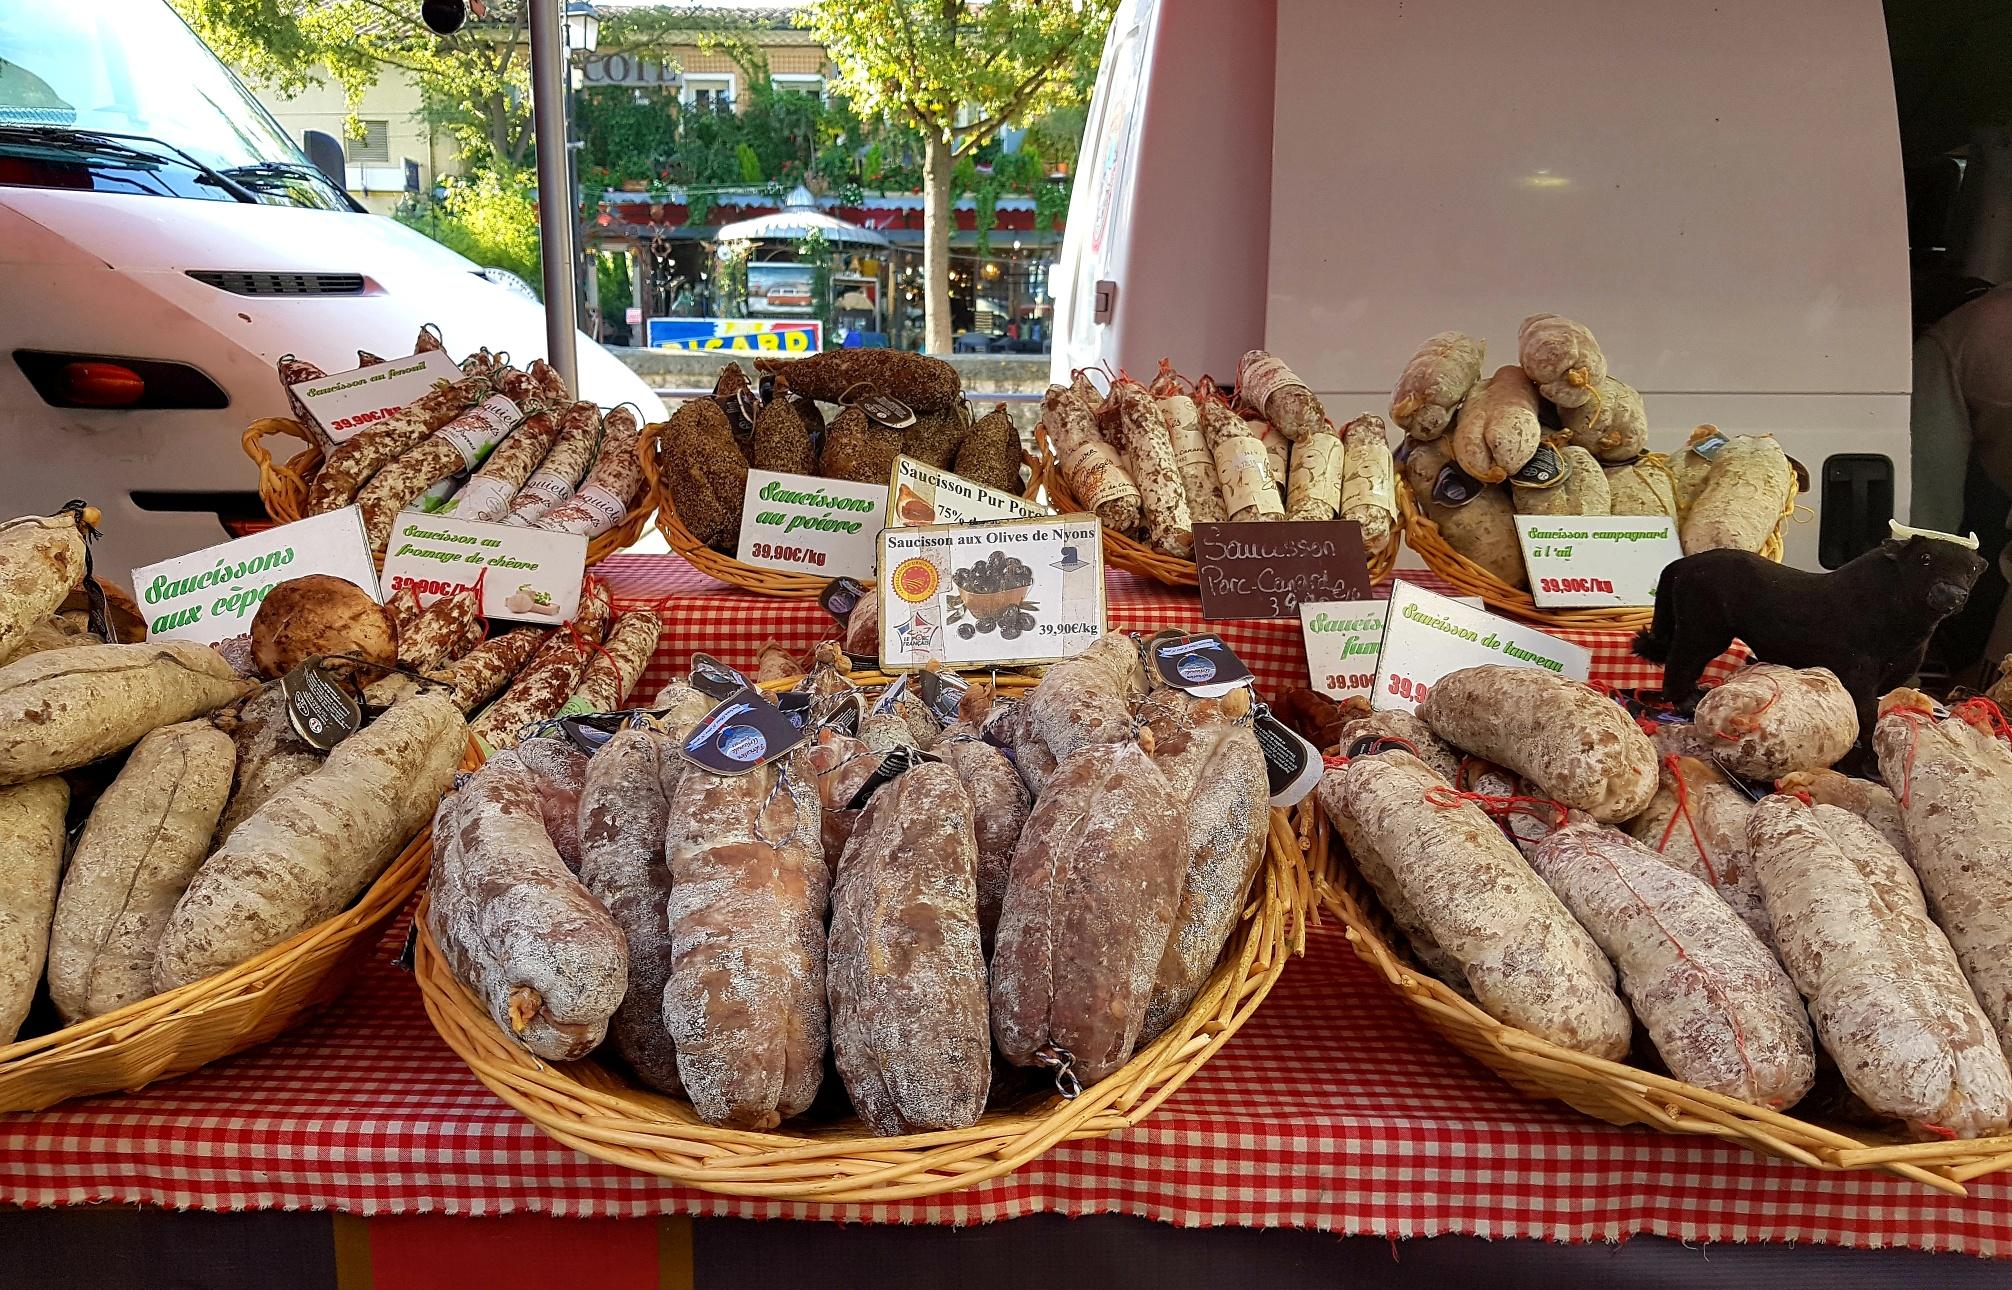 Gedroogde worstjes op de markt in Isle sur la Sorgue